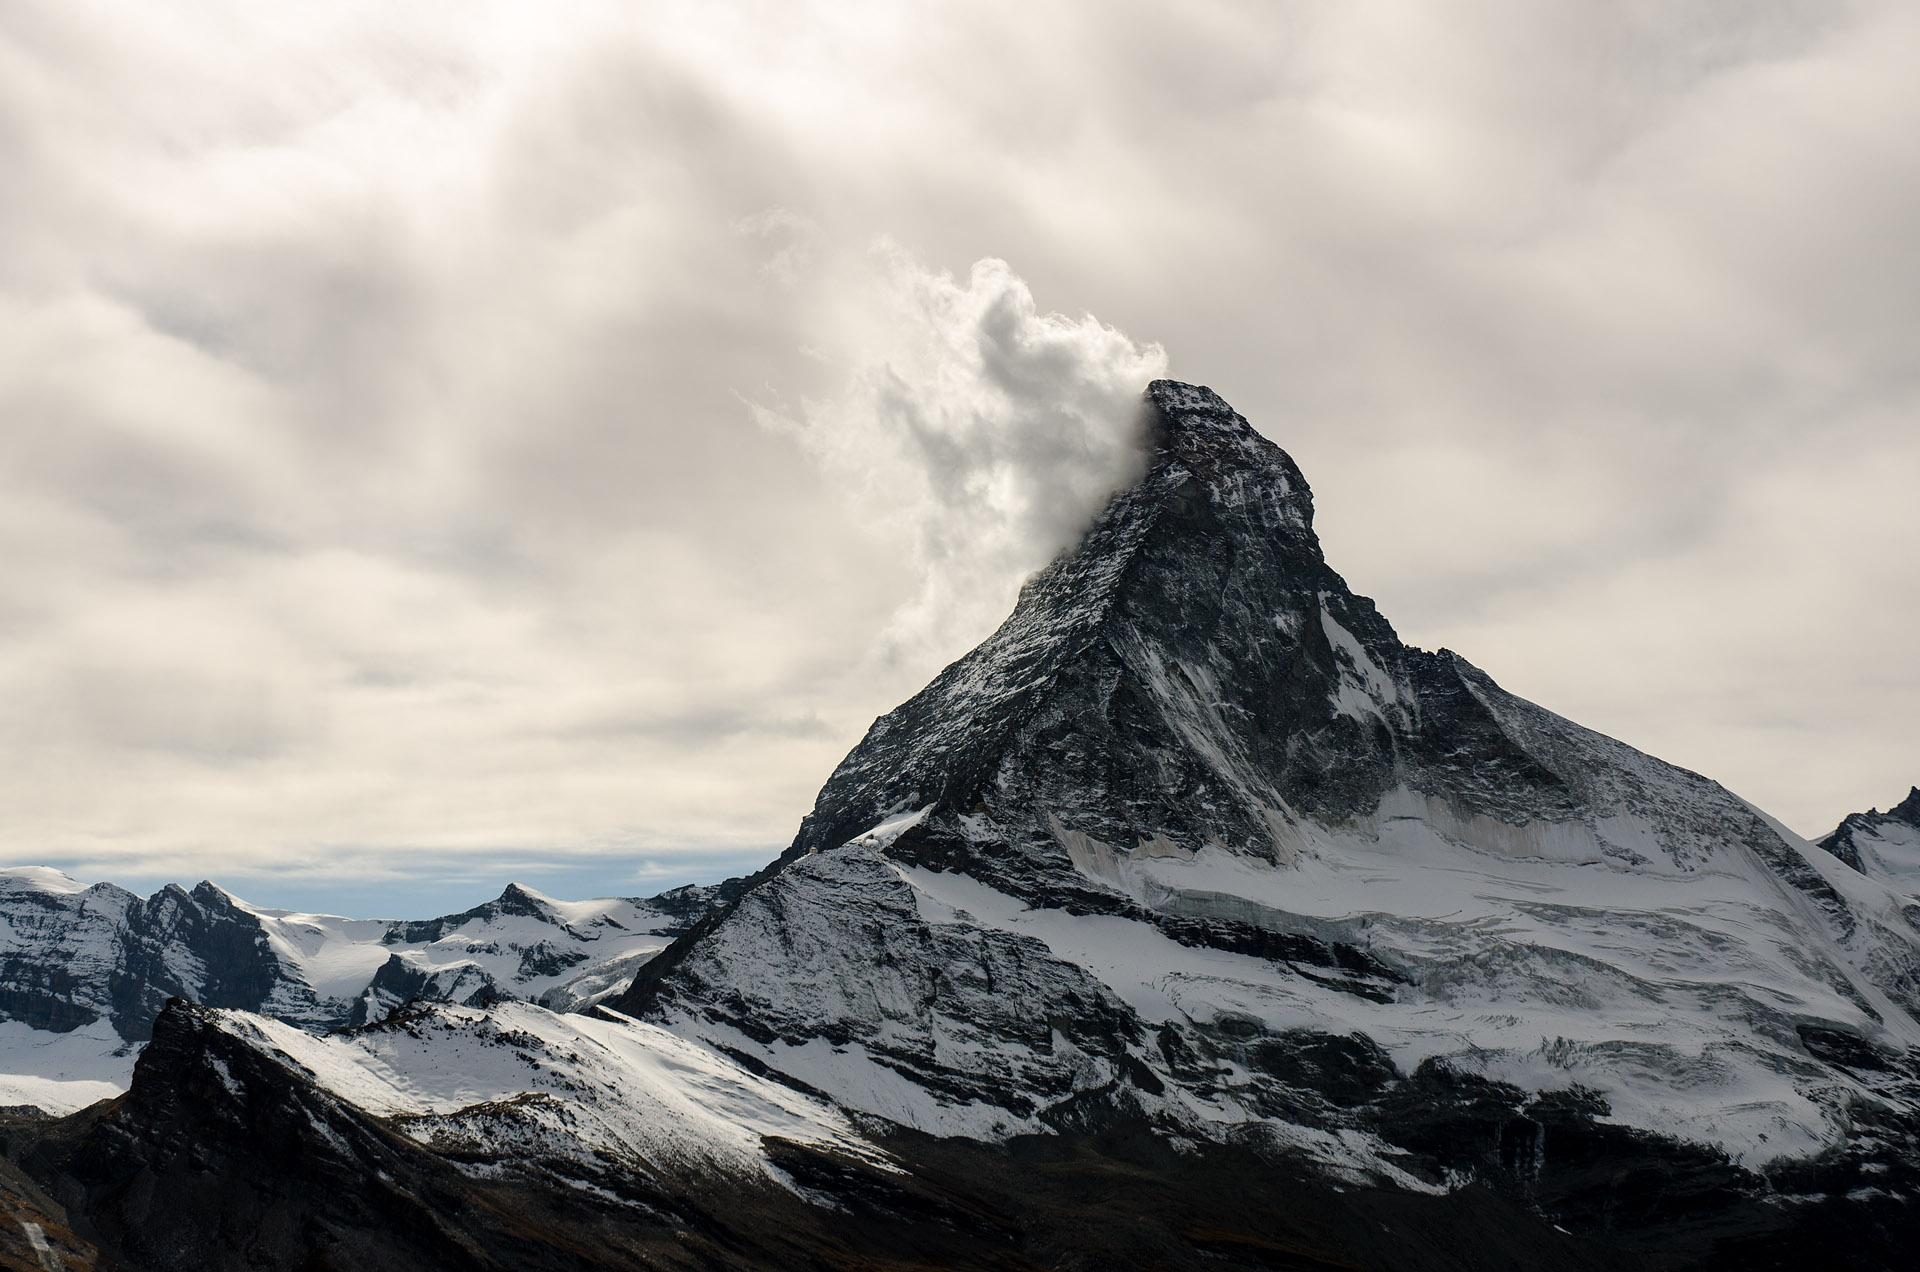 Matterhorn & Matterhorn Glacier